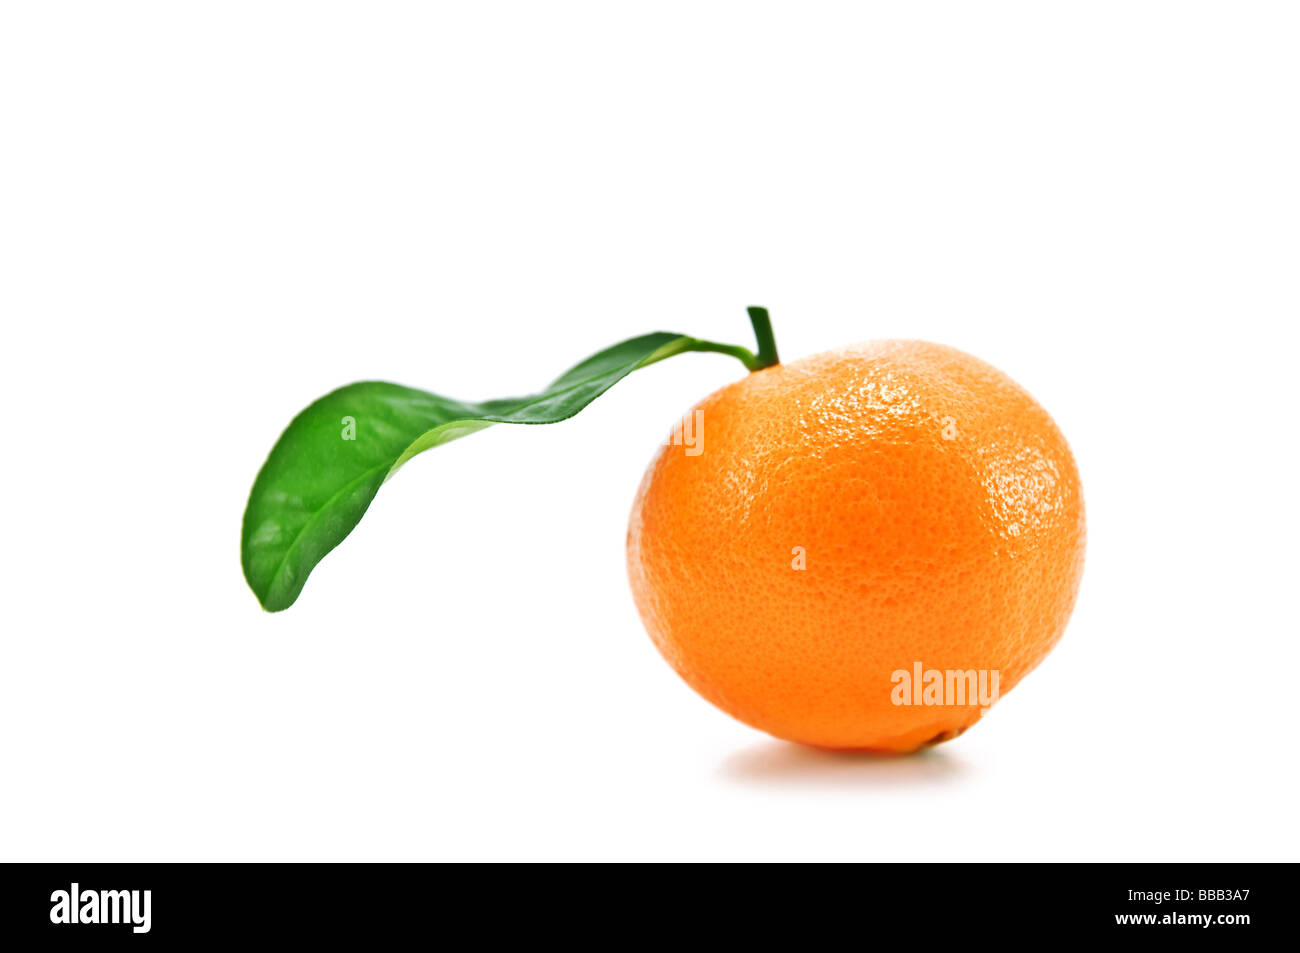 mandarin isolated on white - Stock Image